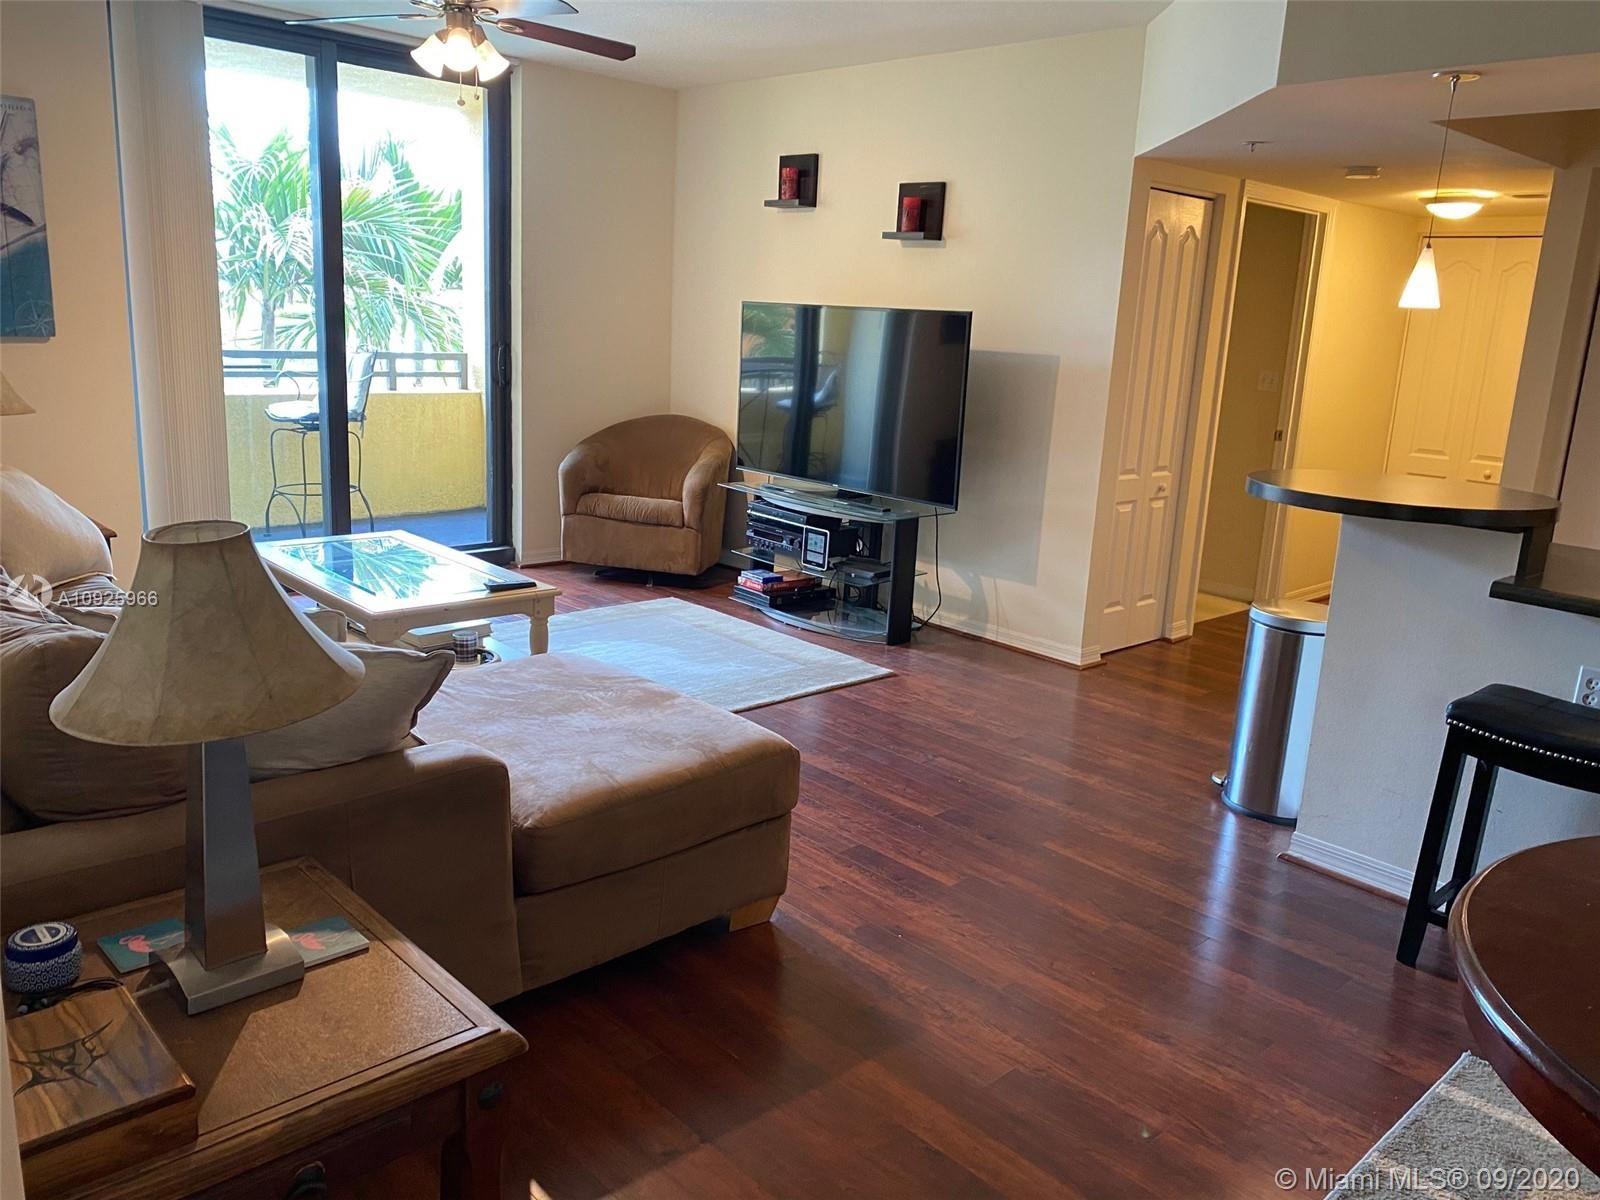 Photo of 100 N Federal Hwy #819, Fort Lauderdale, FL 33301 (MLS # A10925966)